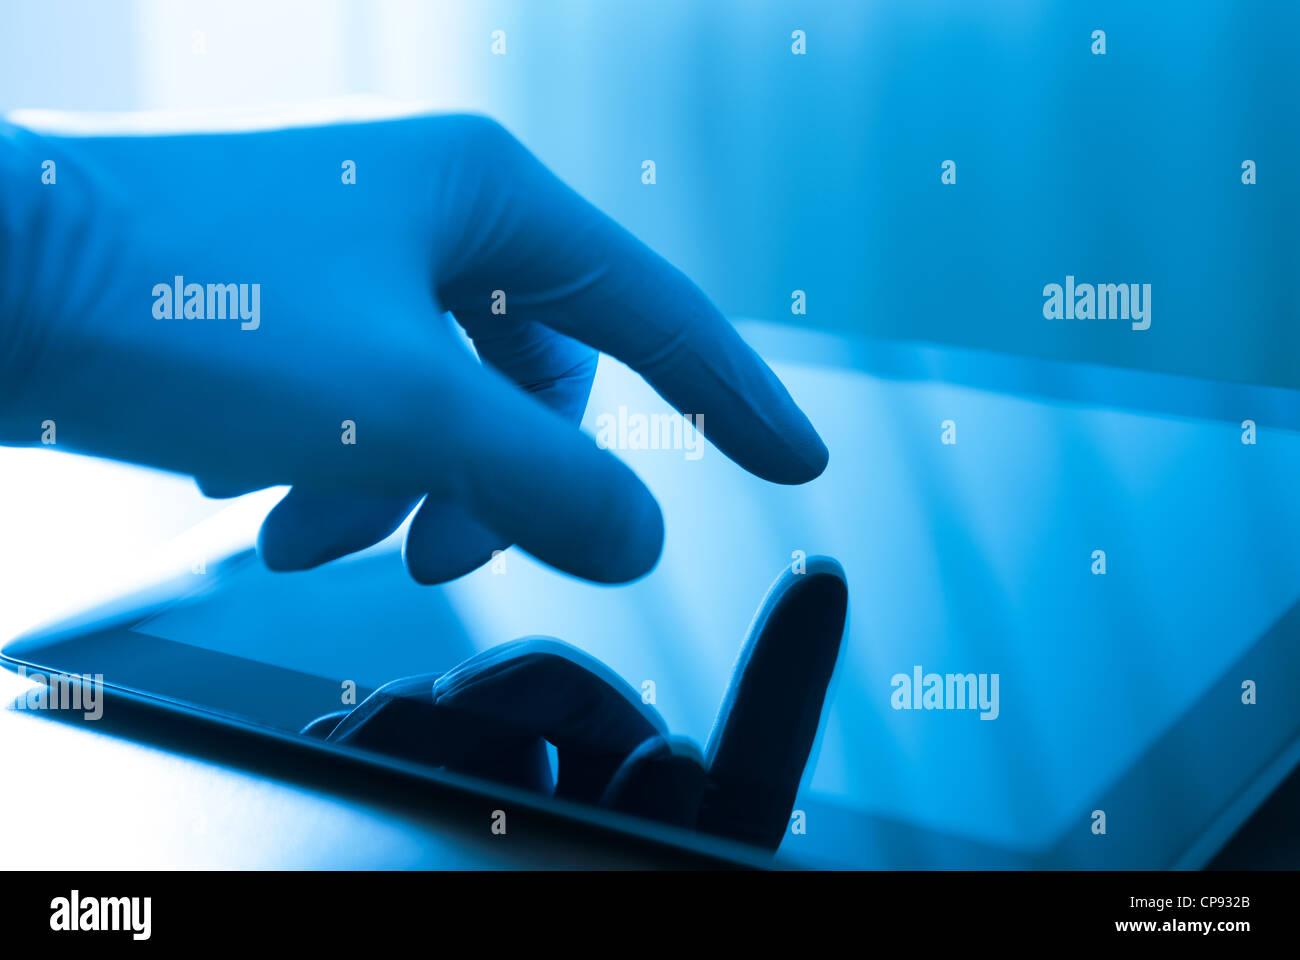 La main dans le gant bleu moderne toucher digital tablet. Concept image sur medical ou thème de recherche. Photo Stock